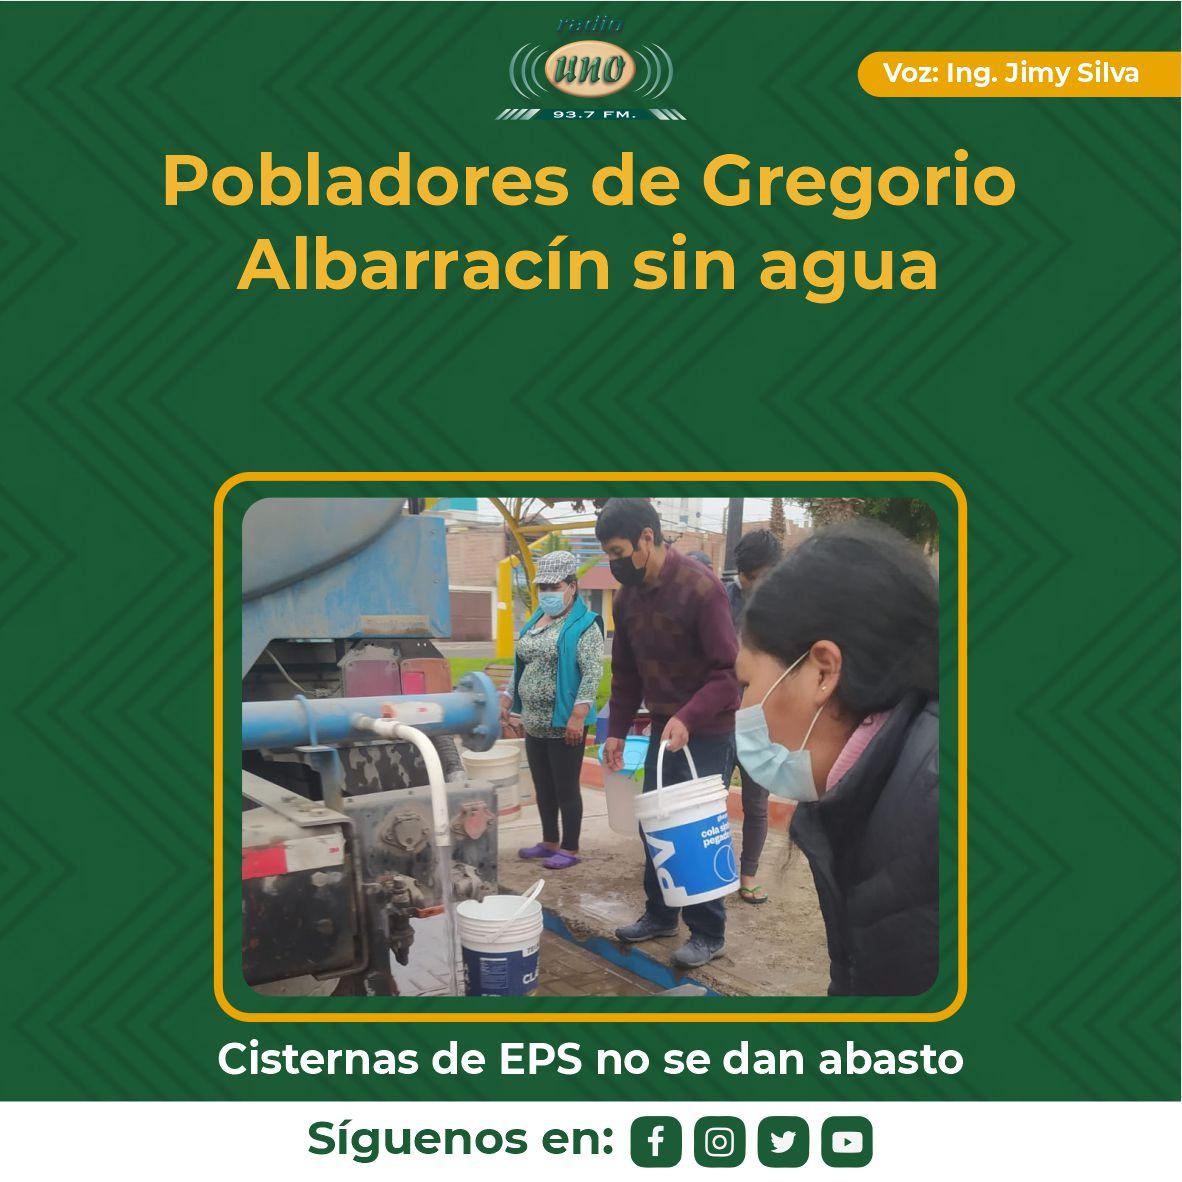 Pobladores de Gregorio Albarracín sin agua. Cisternas de EPS no se dan abasto.